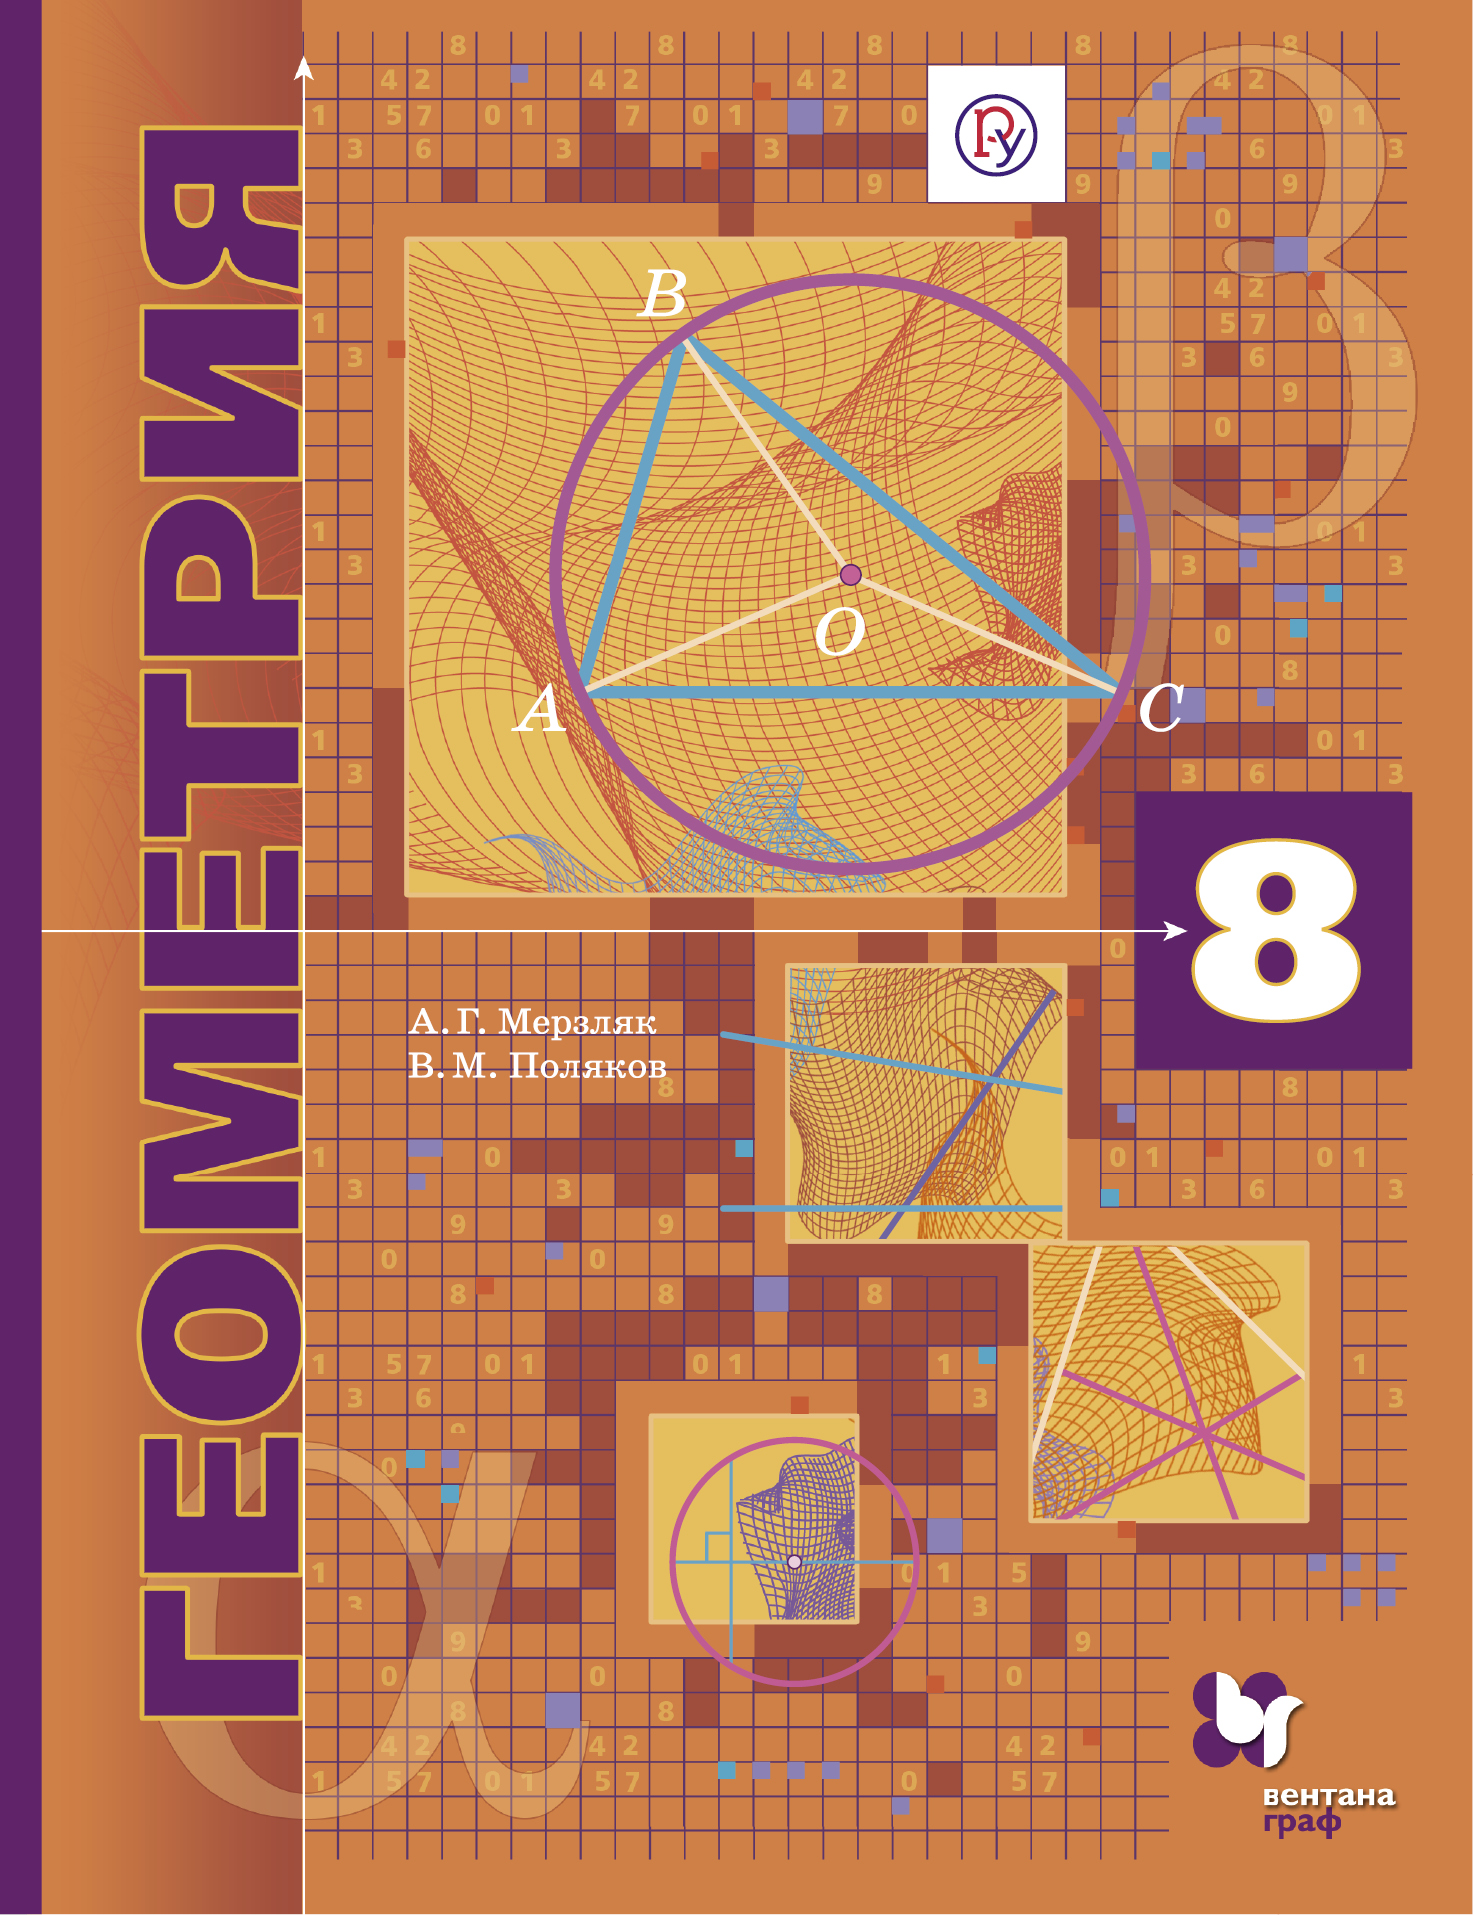 А. Г. Мерзляк, В. М. Поляков Геометрия. 8 класс. Углубленное изучение. Учебник г н солтан геометрия для самоподготовки 10 класс